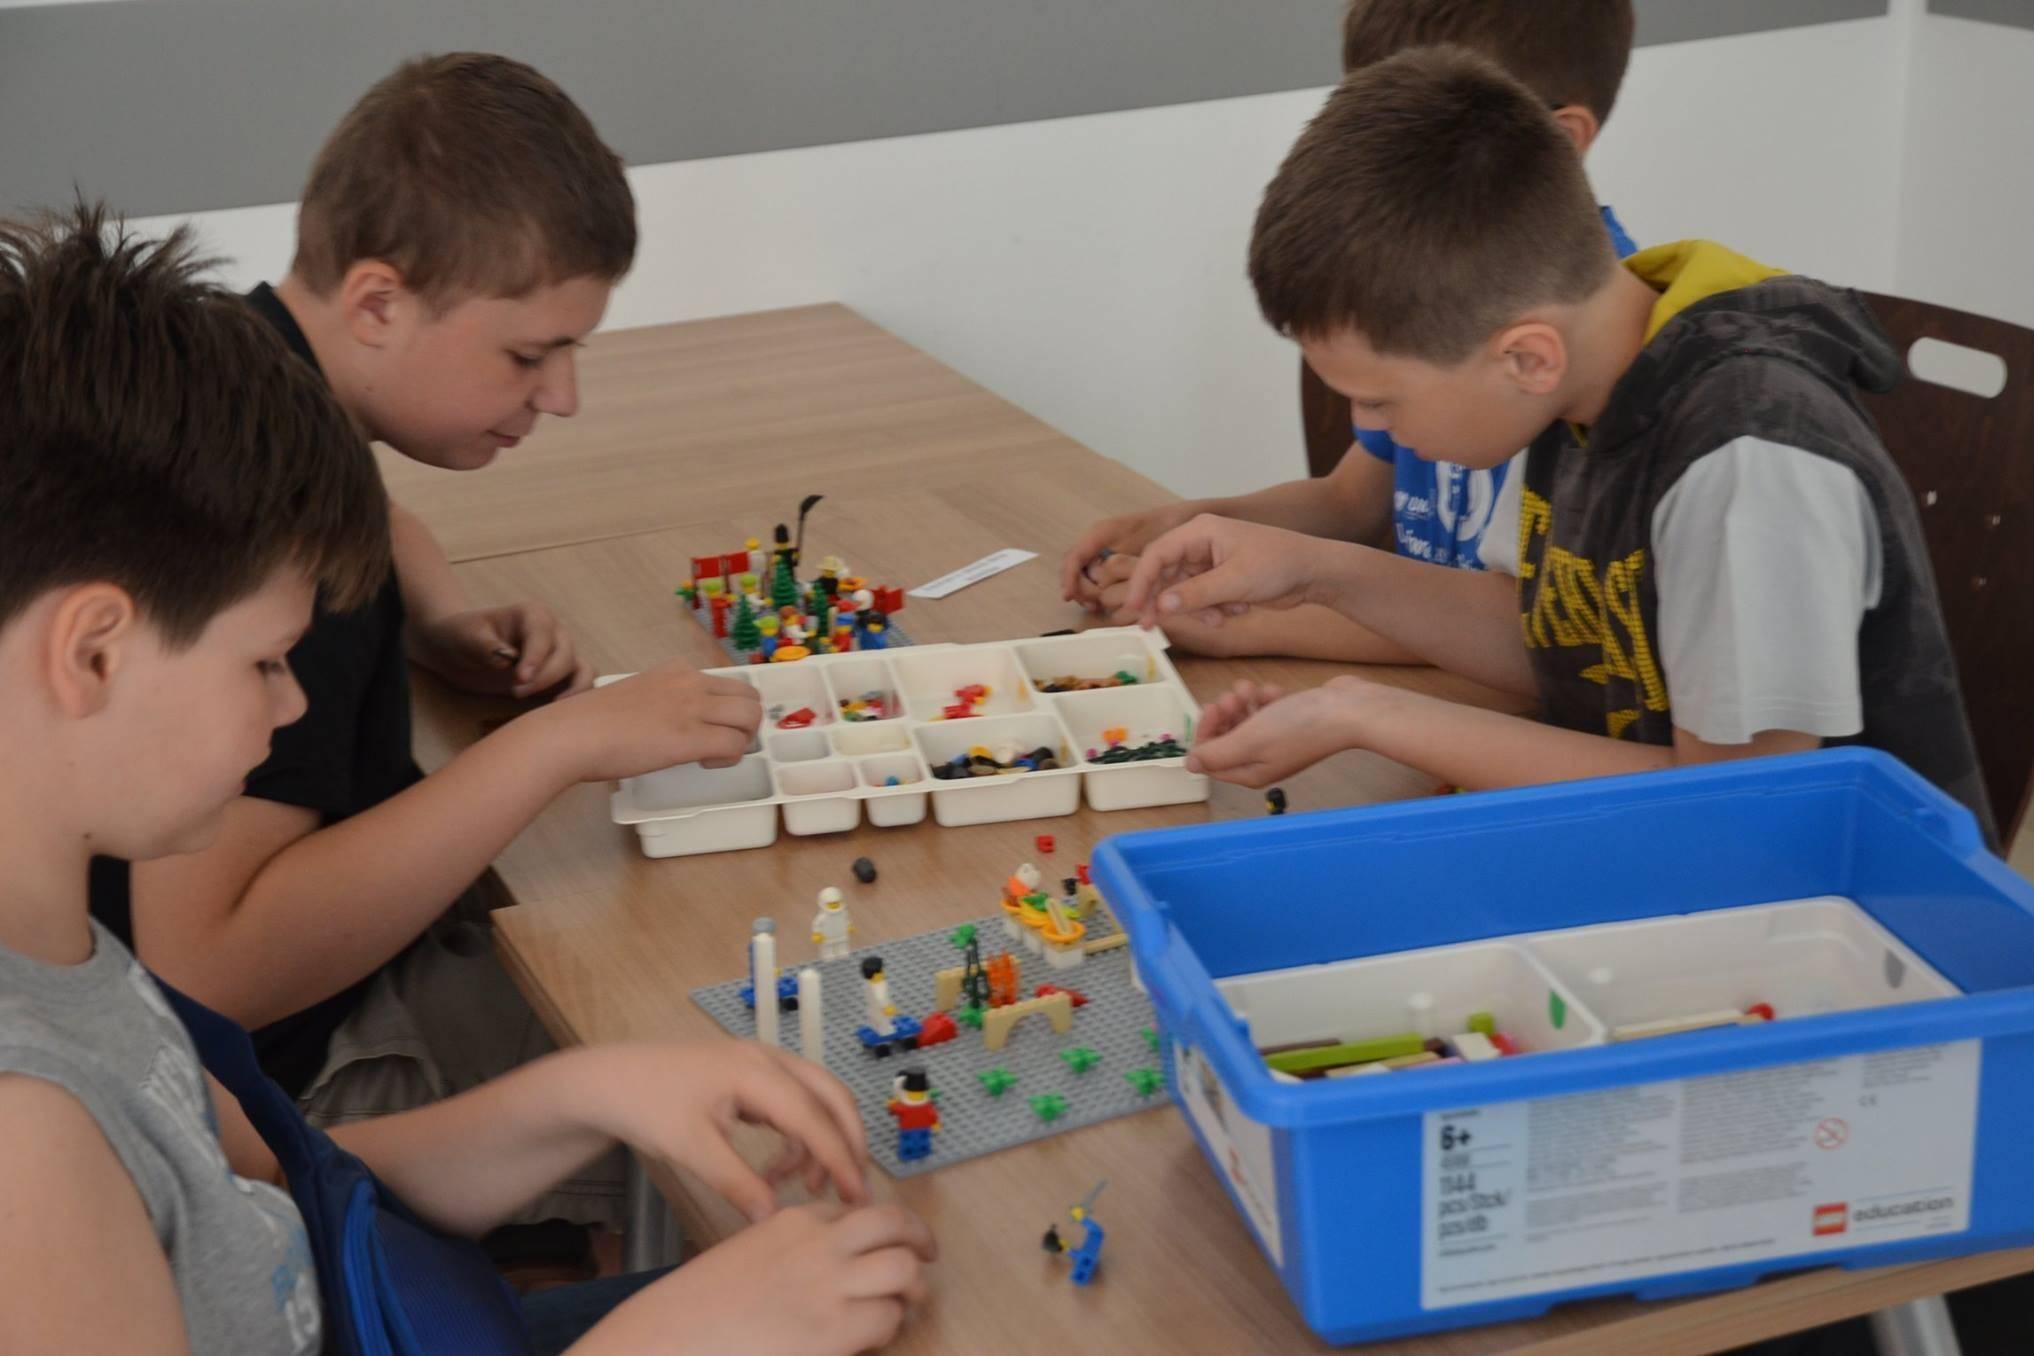 Uniwersytet Dziecięcy - Budowanie z klocków Lego